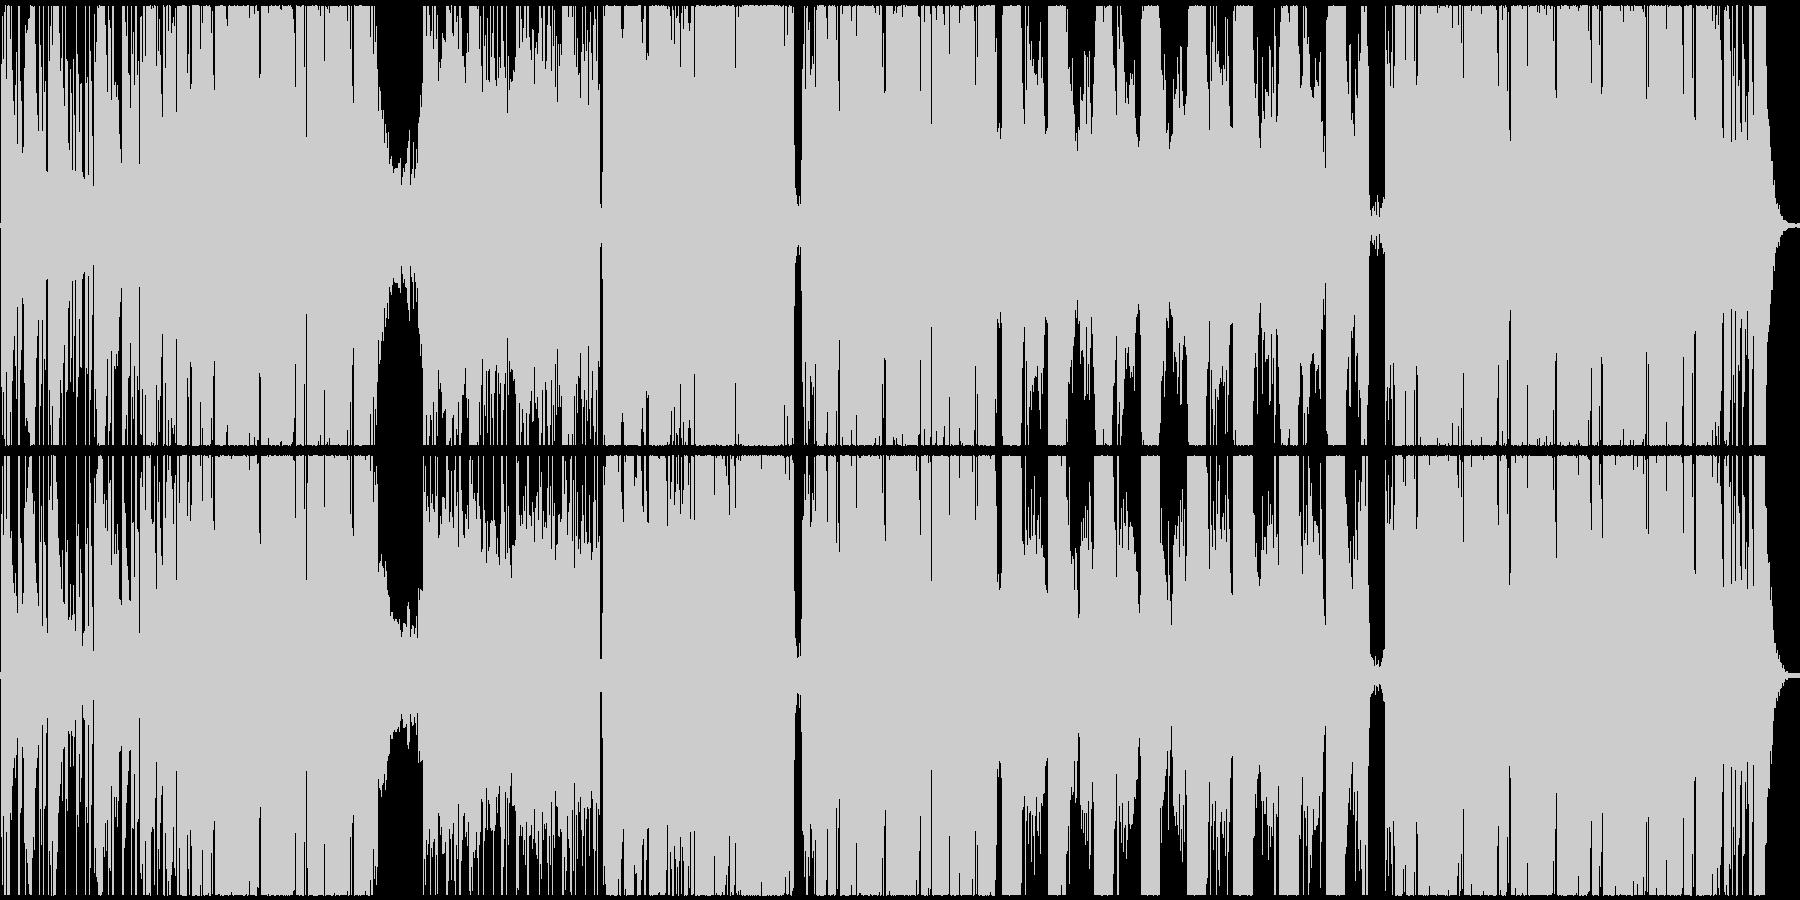 ティーン ポップ テクノ ハウス ...の未再生の波形